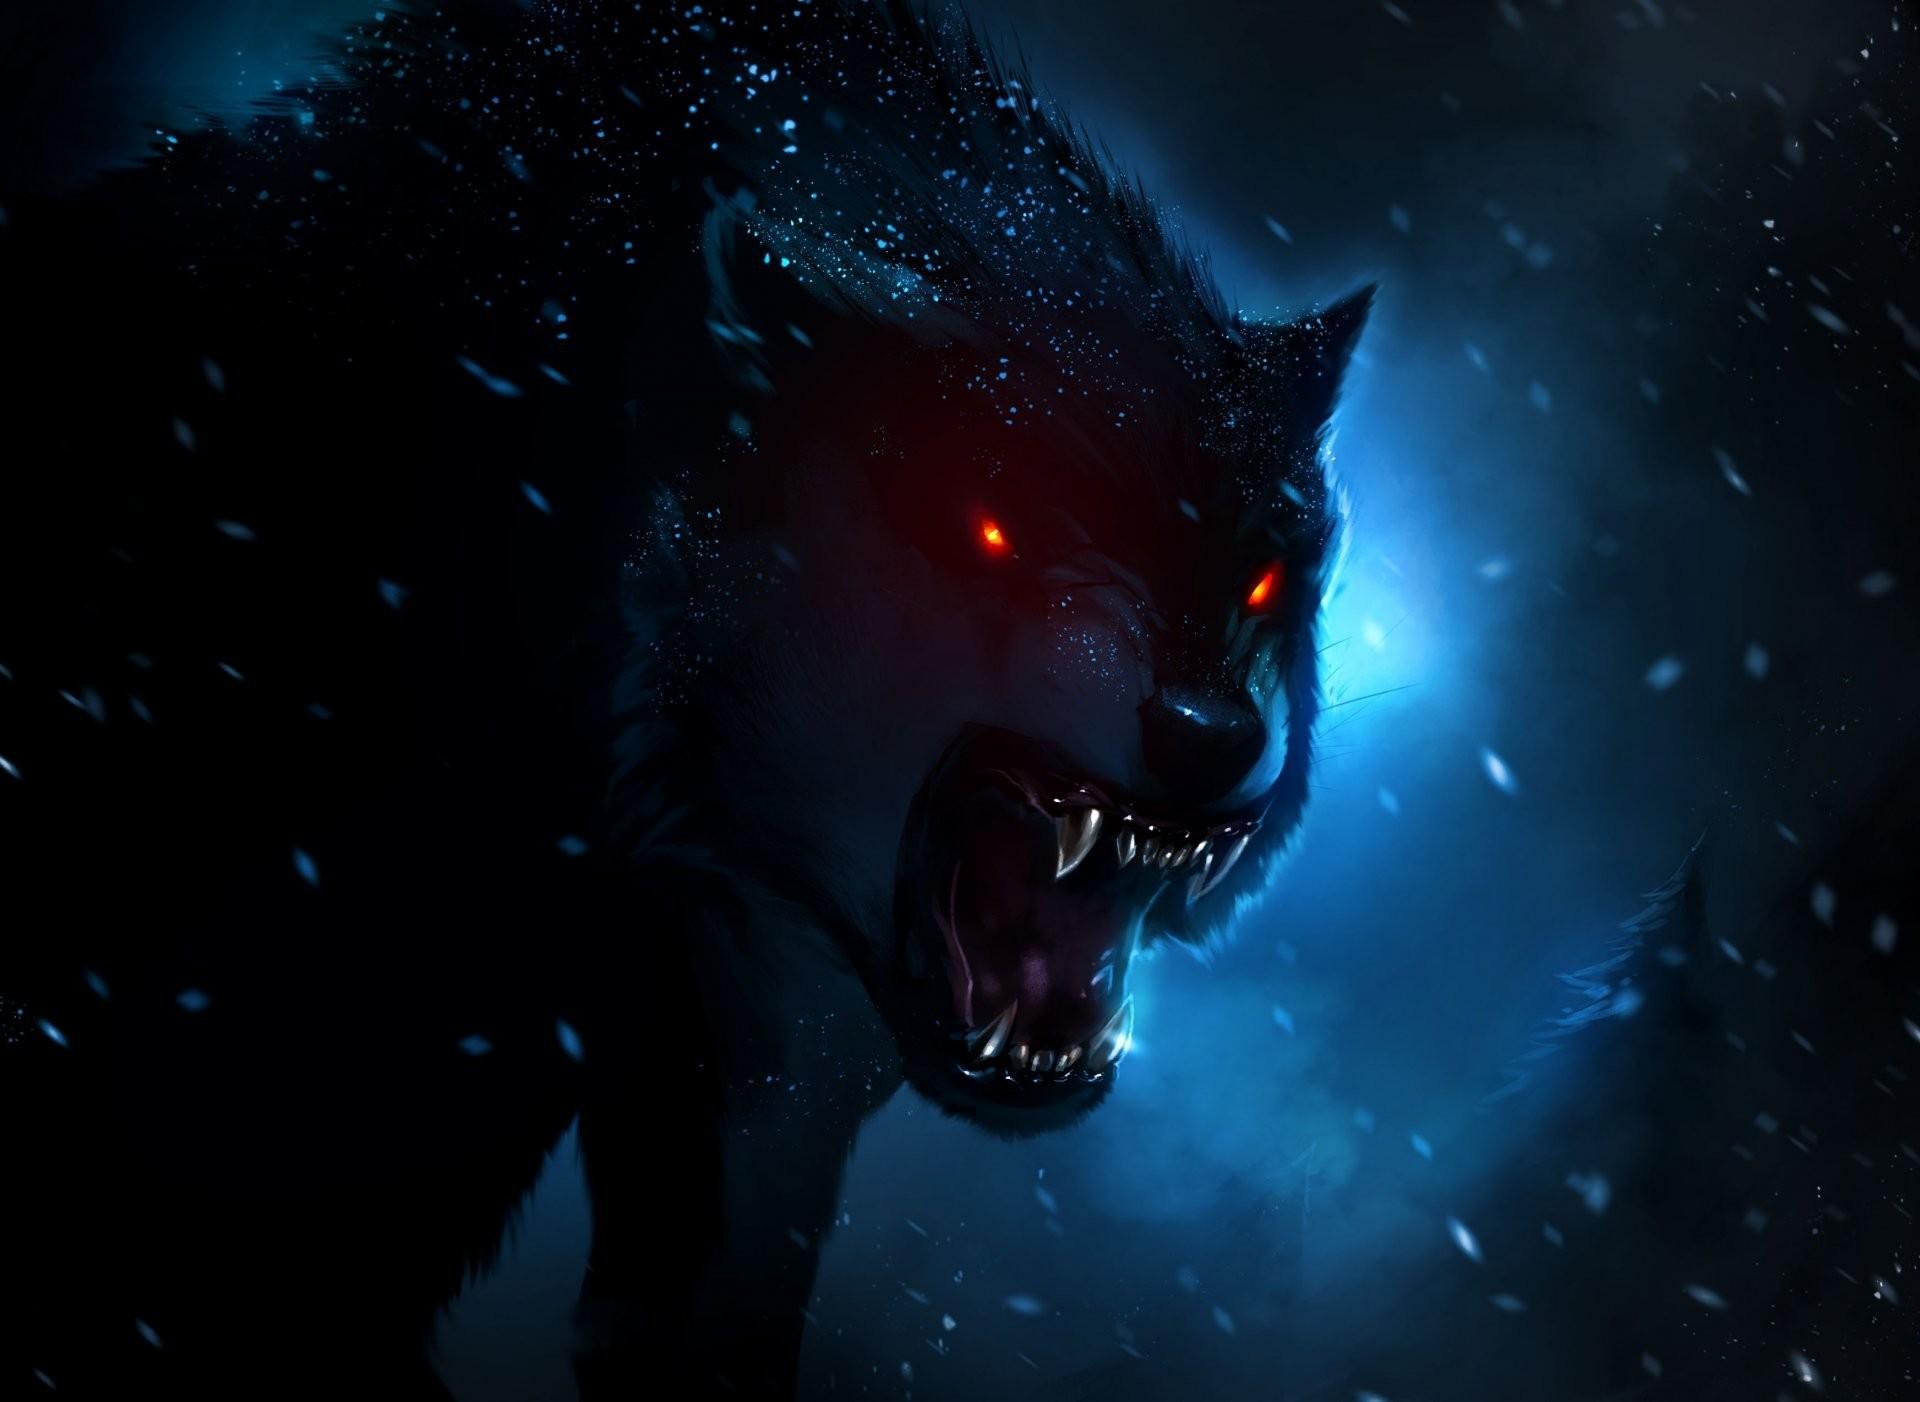 evil hunter dark night art wolf